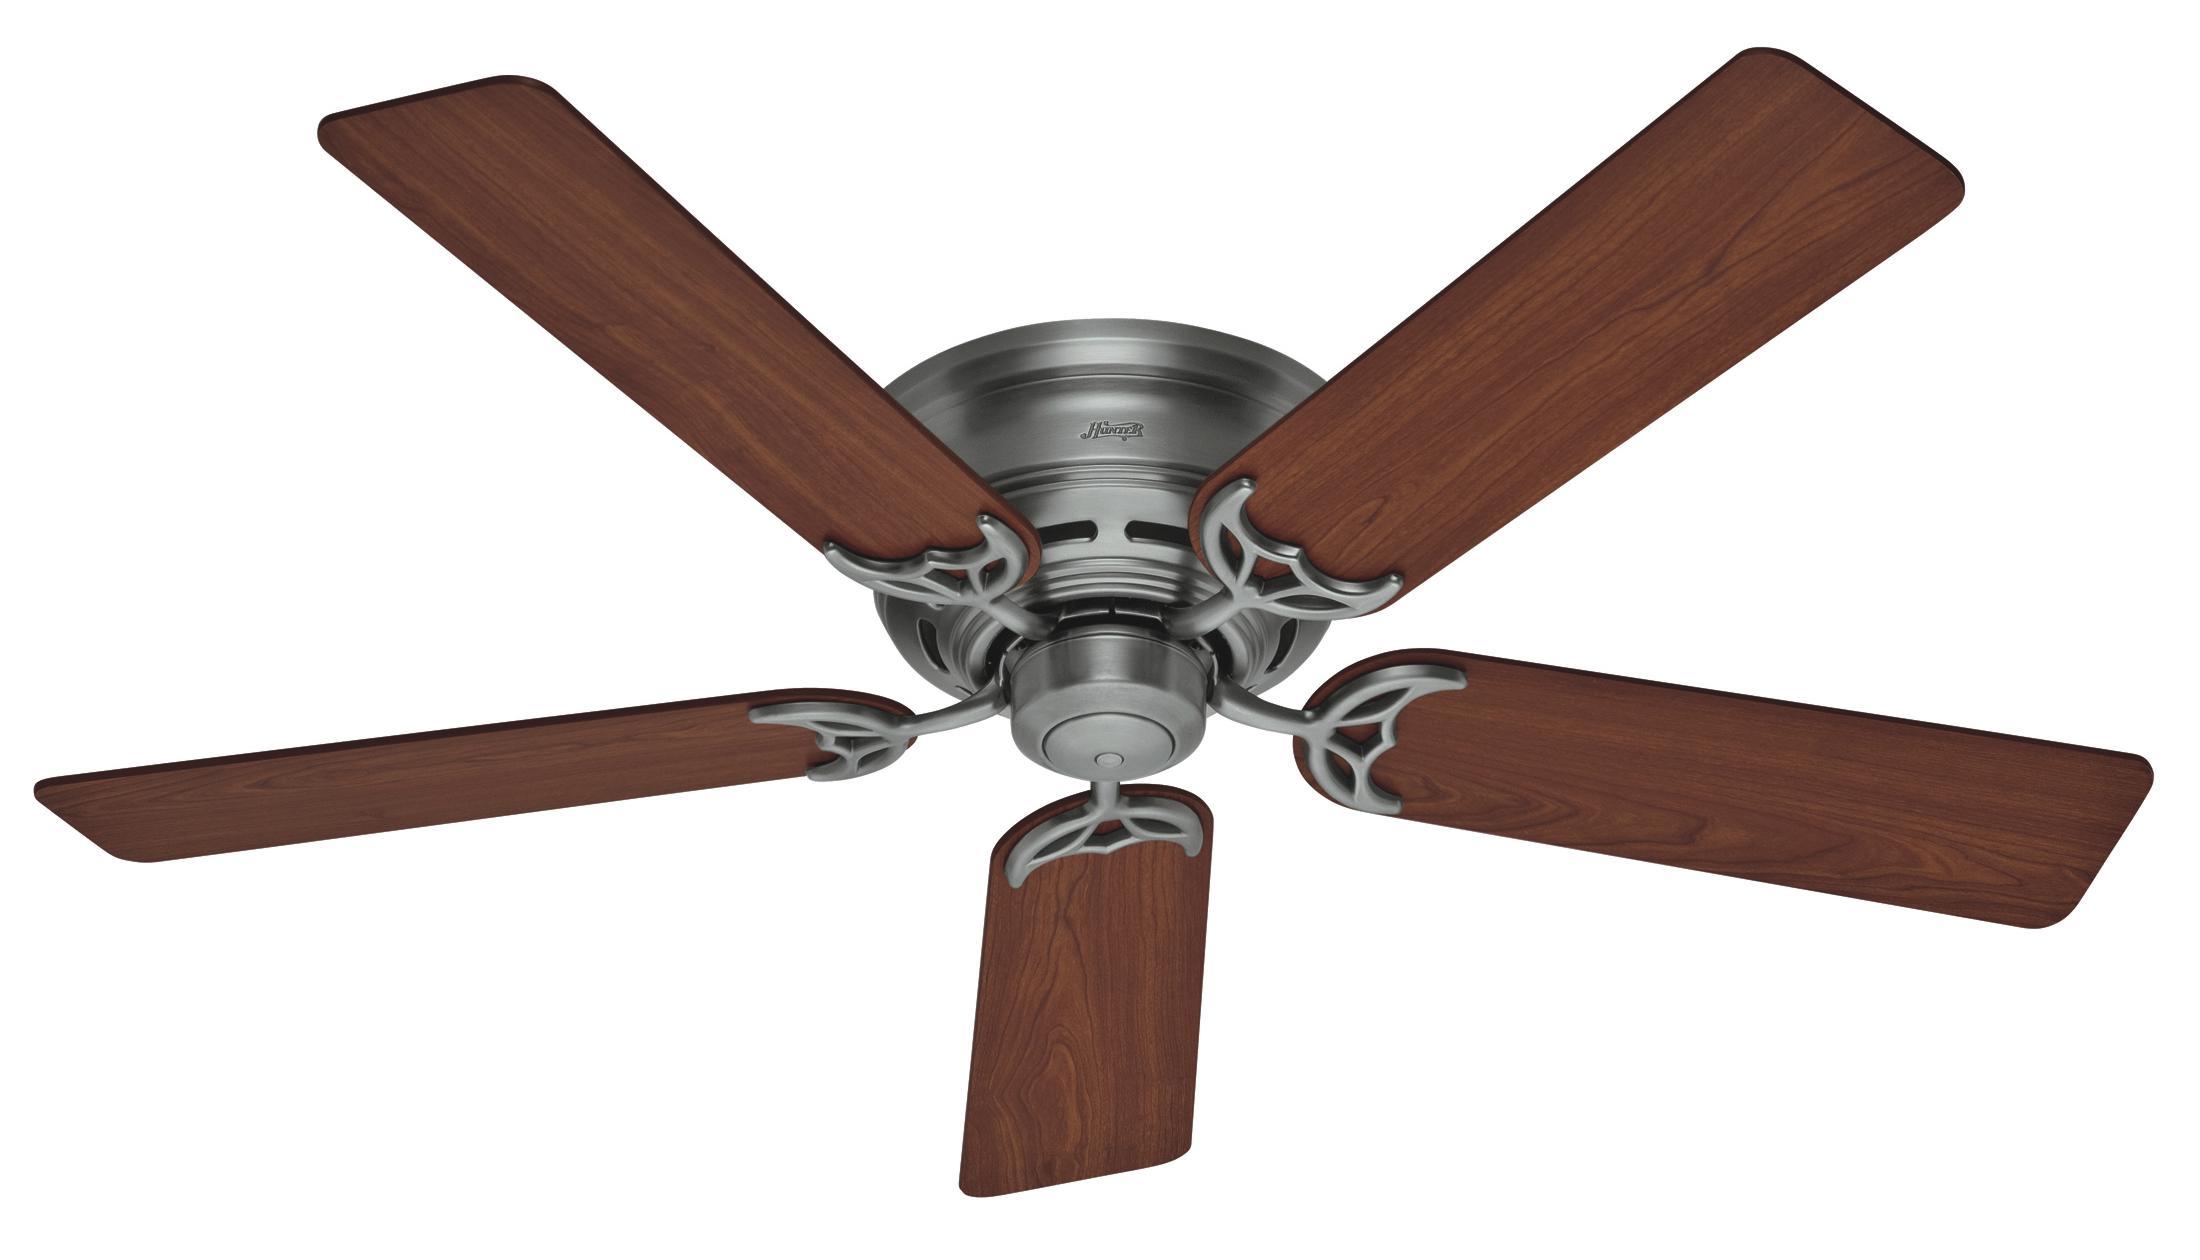 ceiling fan low ceiling photo - 6